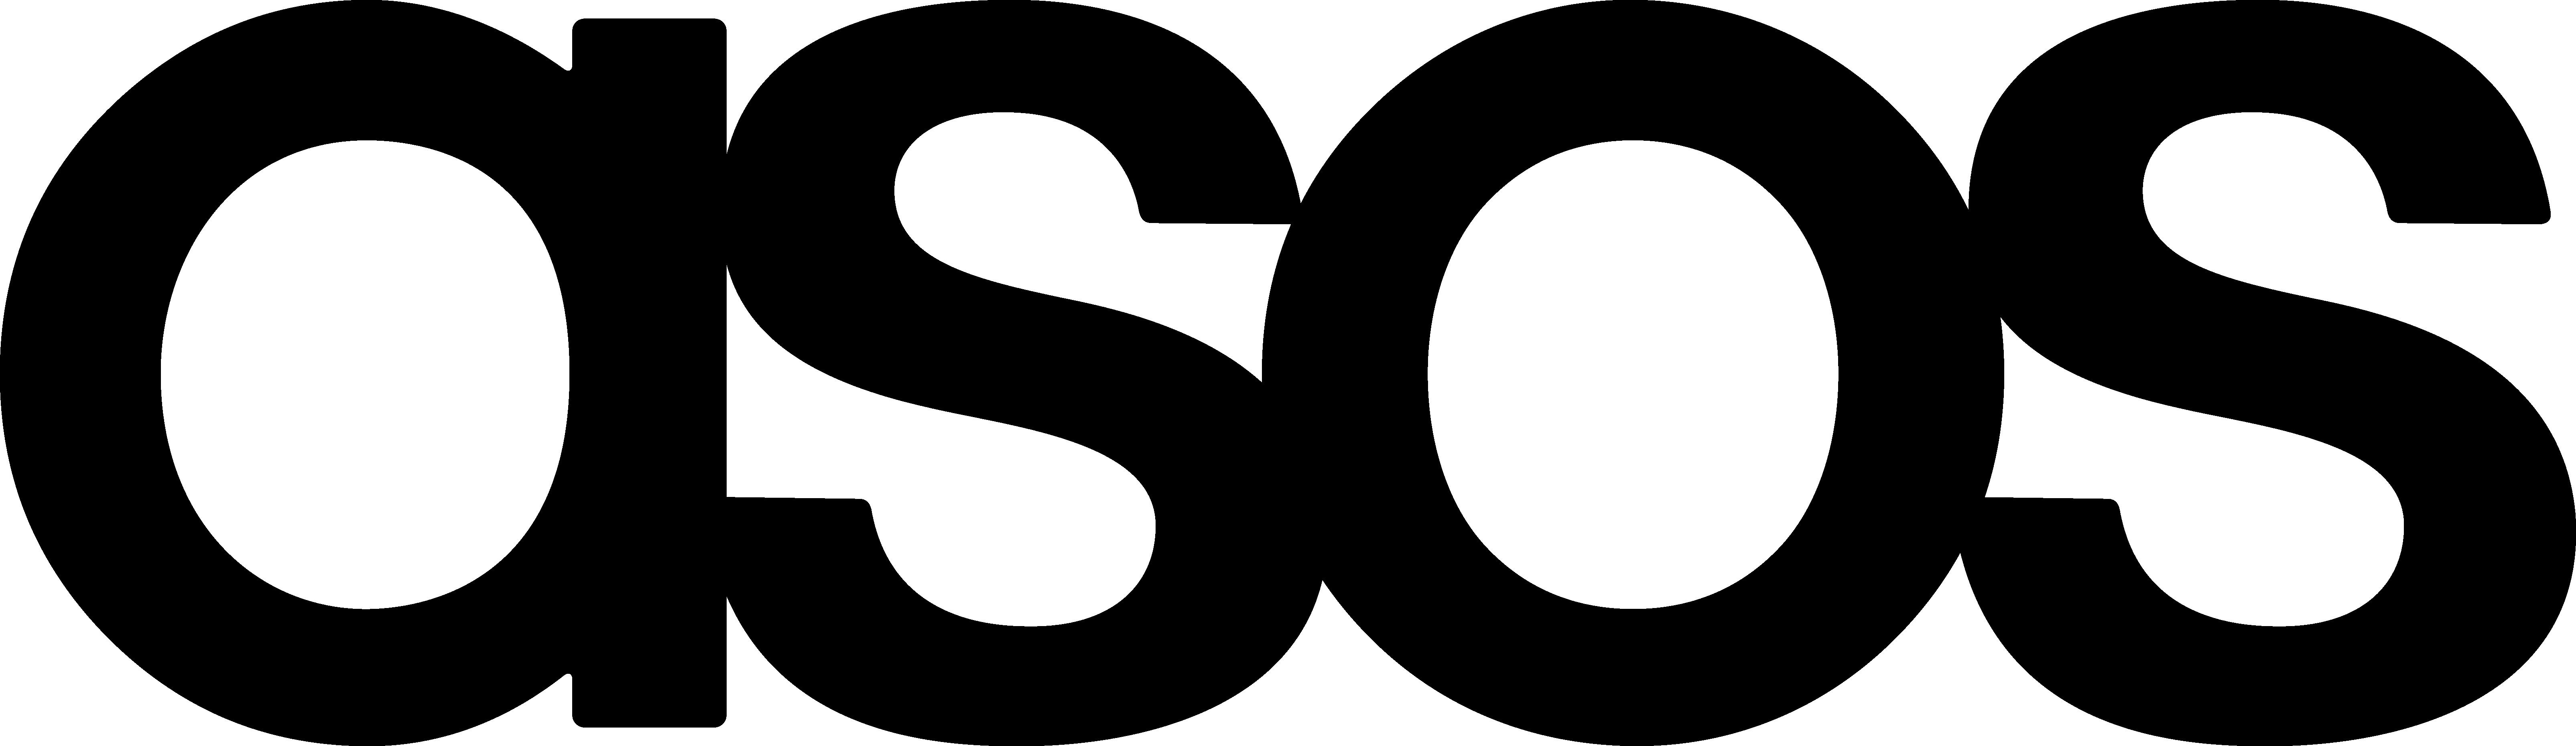 ASOS Summer Banners